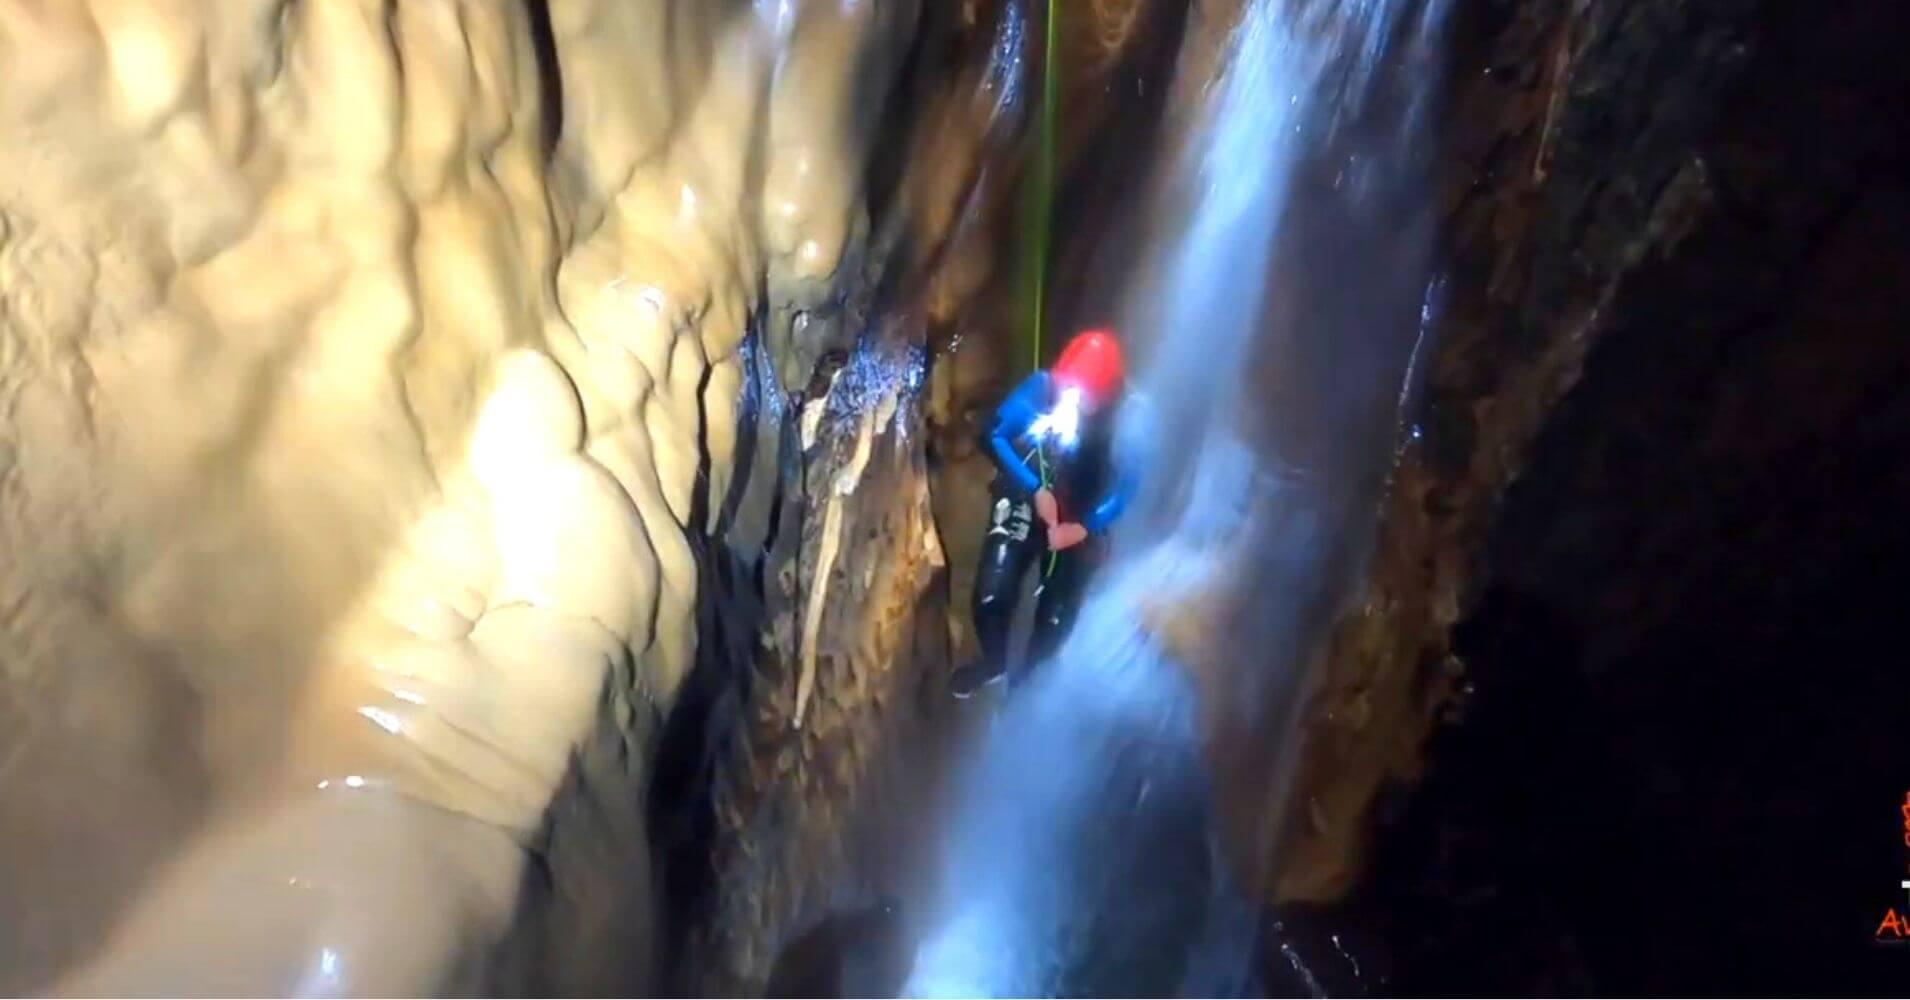 Cascada y Tobogán. Curso de Aguas. Cueva de Valporquero. Vagacervera, León. Castilla y León.